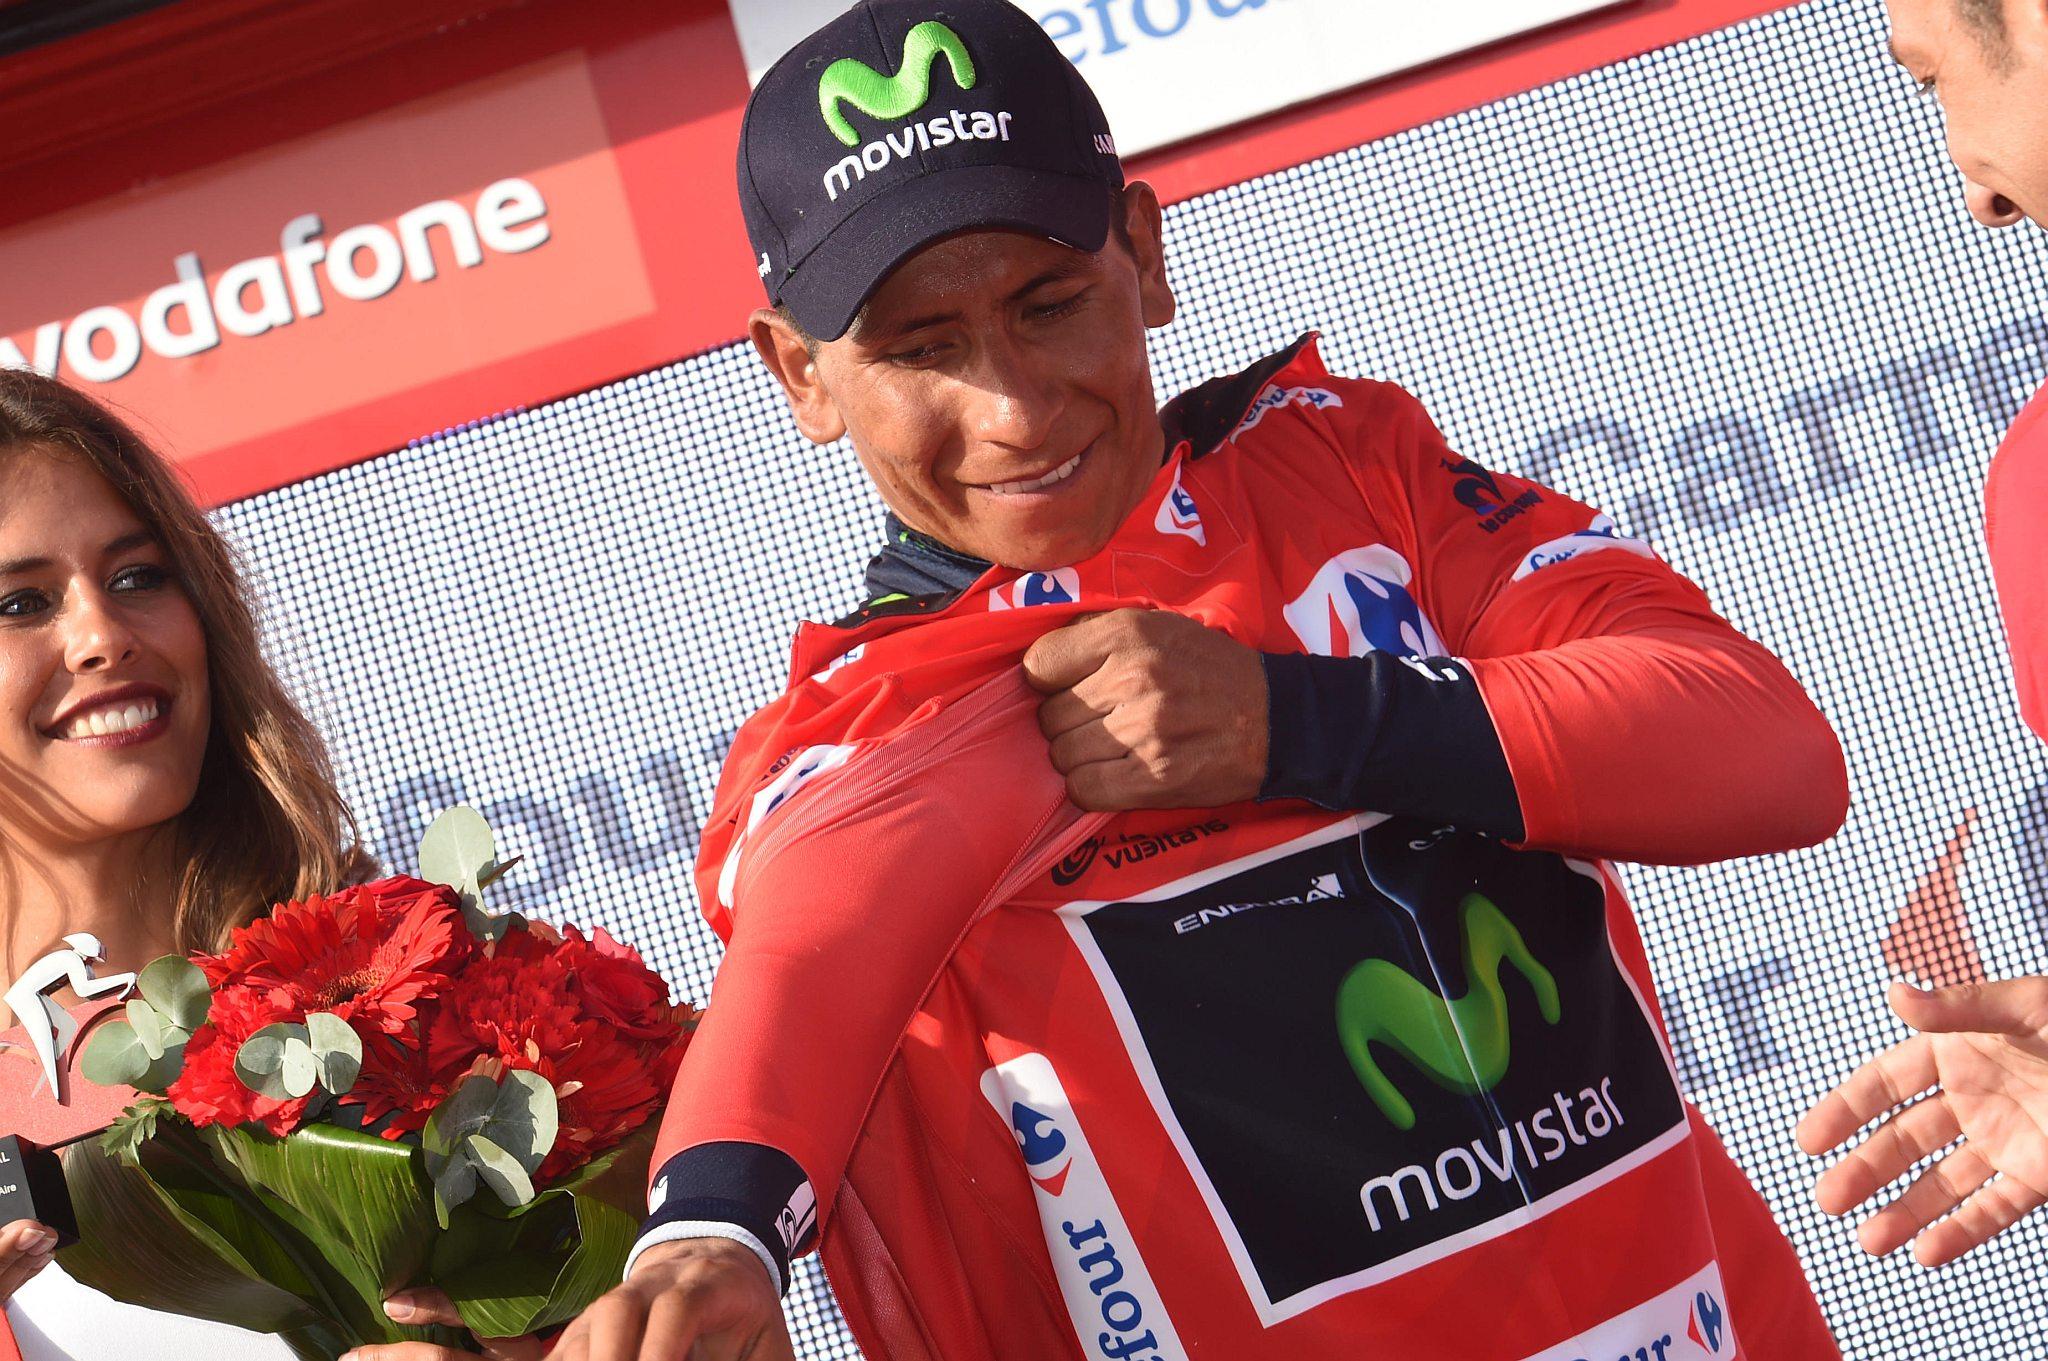 A Vuelta A Espana összetett győztese